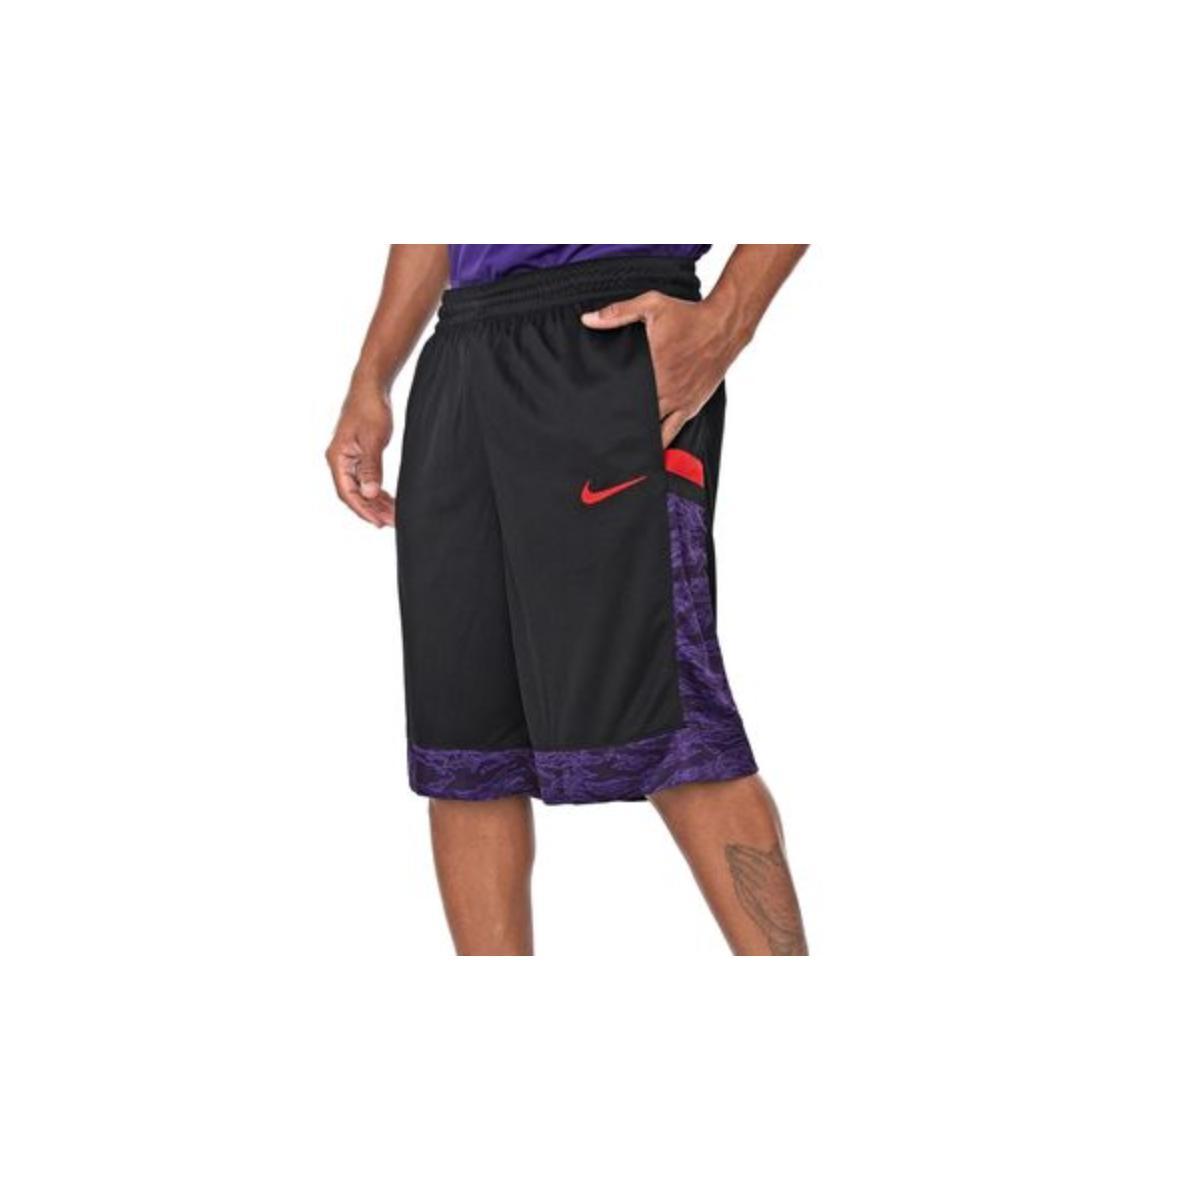 Calçao Masculino Nike At3171-011 m nk Dry Courtlines Preto/vermelho/roxo